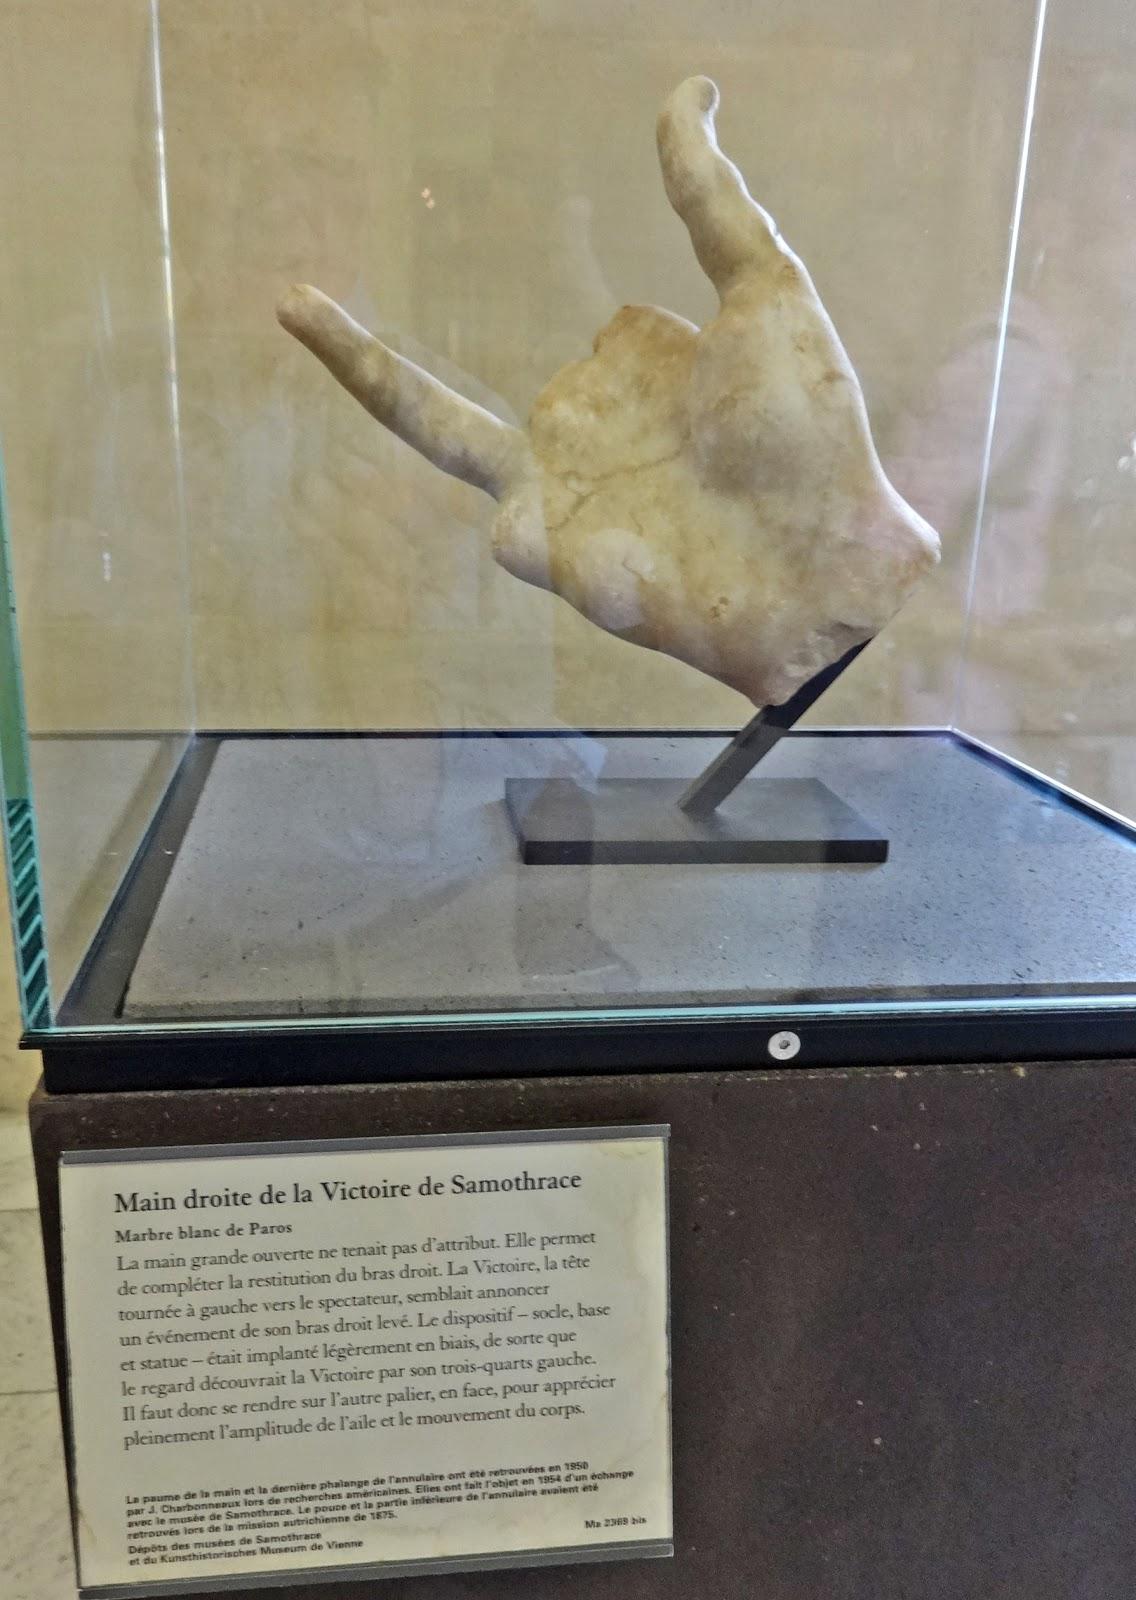 دست مجسمه نایکی که بعدا در نزدیکی محل کشف خود مجسمه پیدا شد.